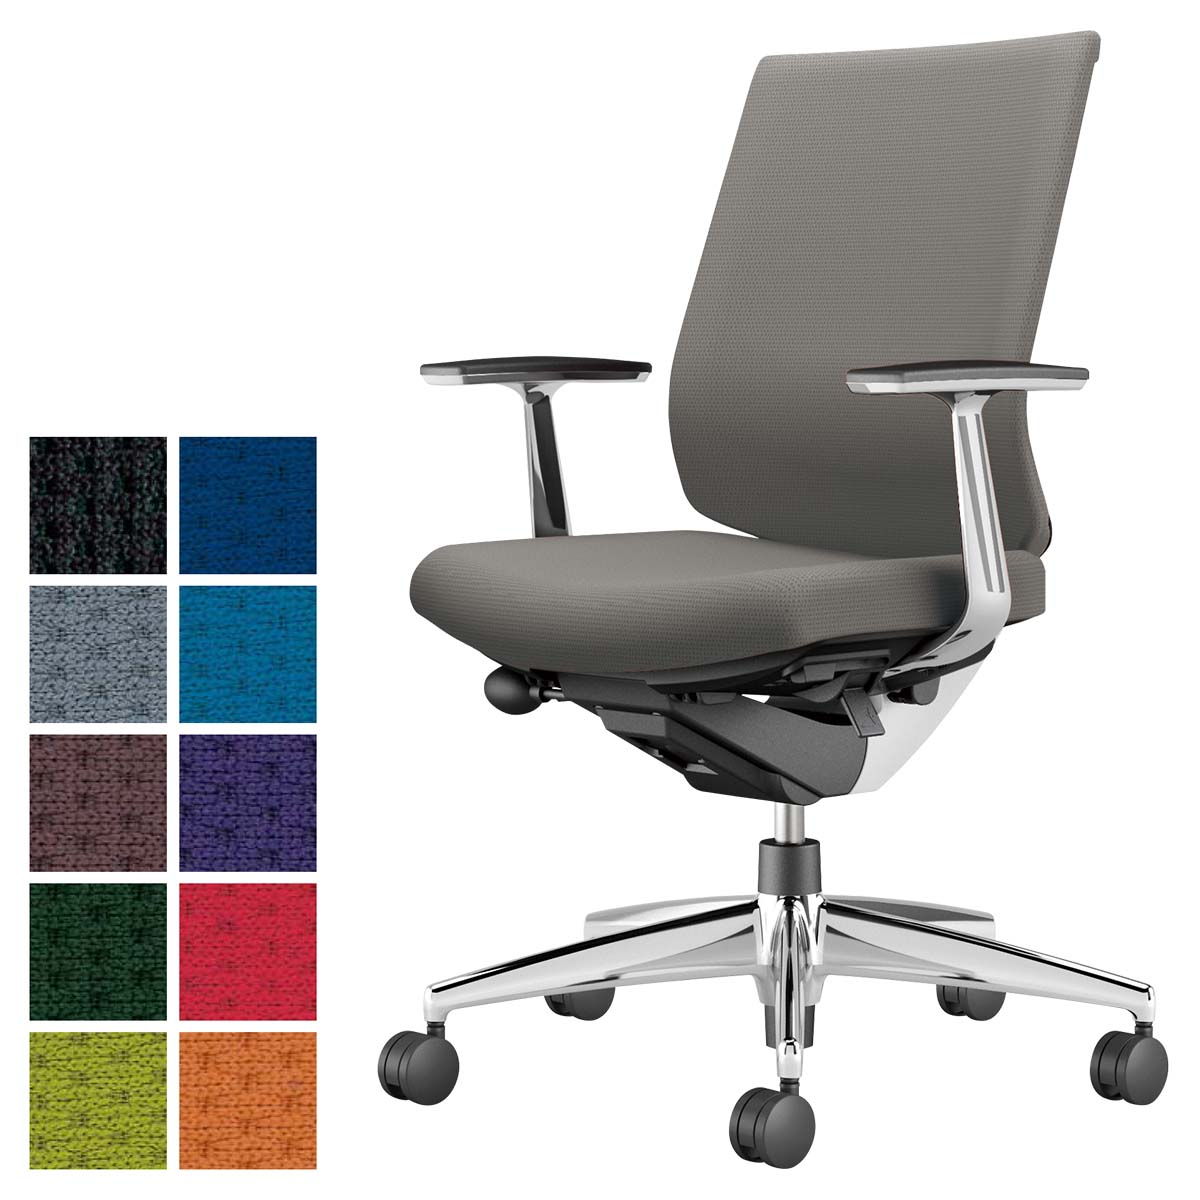 最適な材料 コクヨ デスクチェア オフィスチェア 椅子 椅子 Wizard3 ウィザード3 CR-A3661E1 アルミ肘 アルミ肘 ホワイトシェル デスクチェア アルミポリッシュ脚 -v フローリング用キャスター, わくわく生活:9c63fafa --- odishashines.com